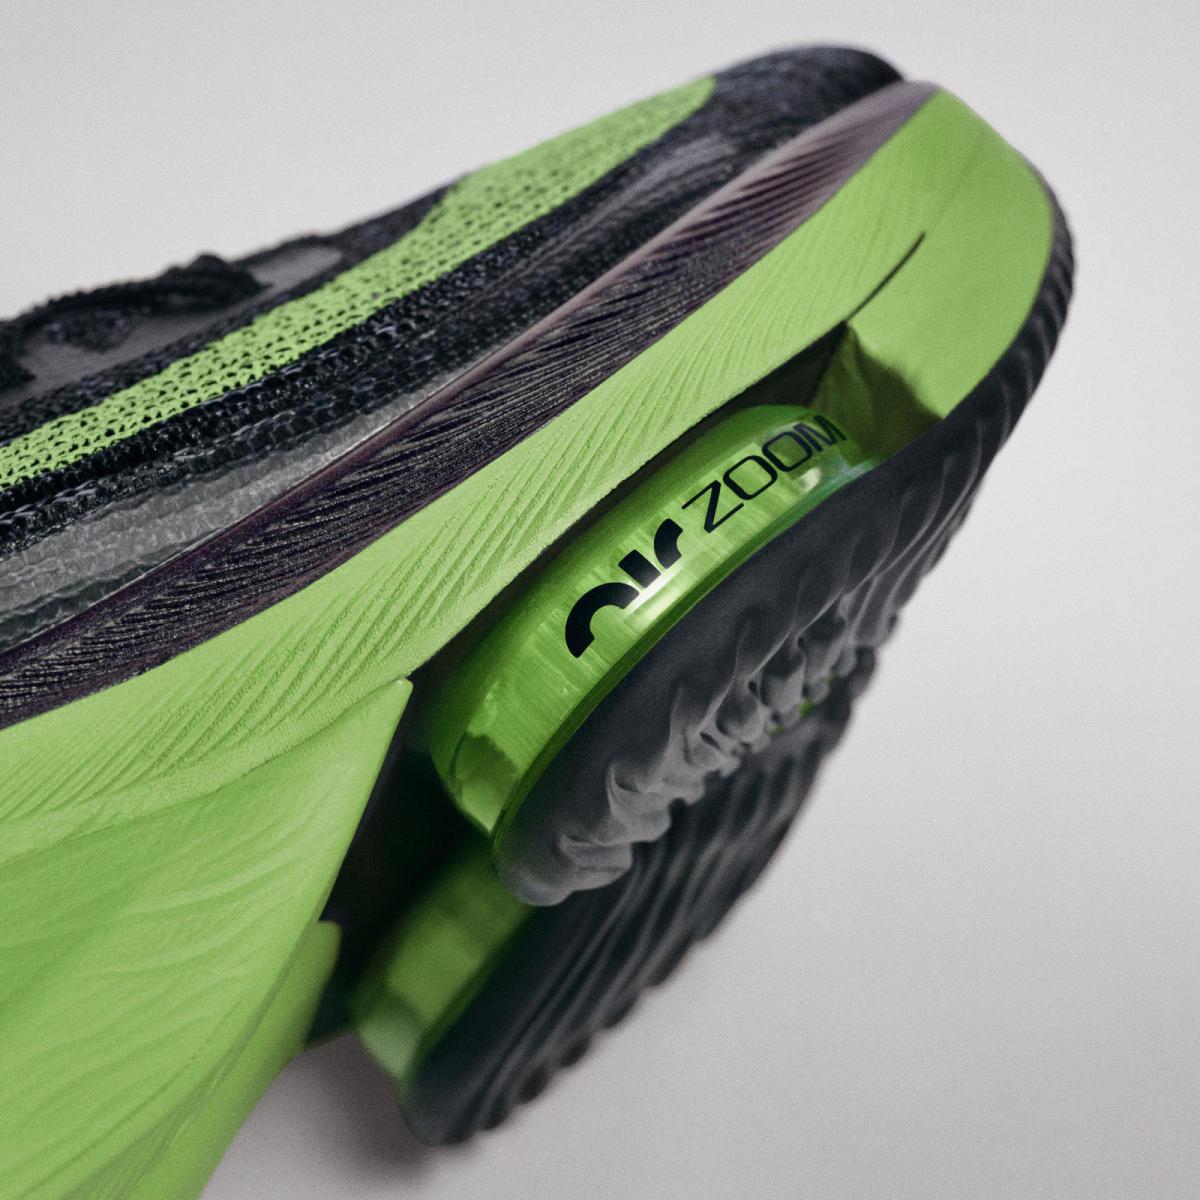 Nike Long Distance Running Shoe